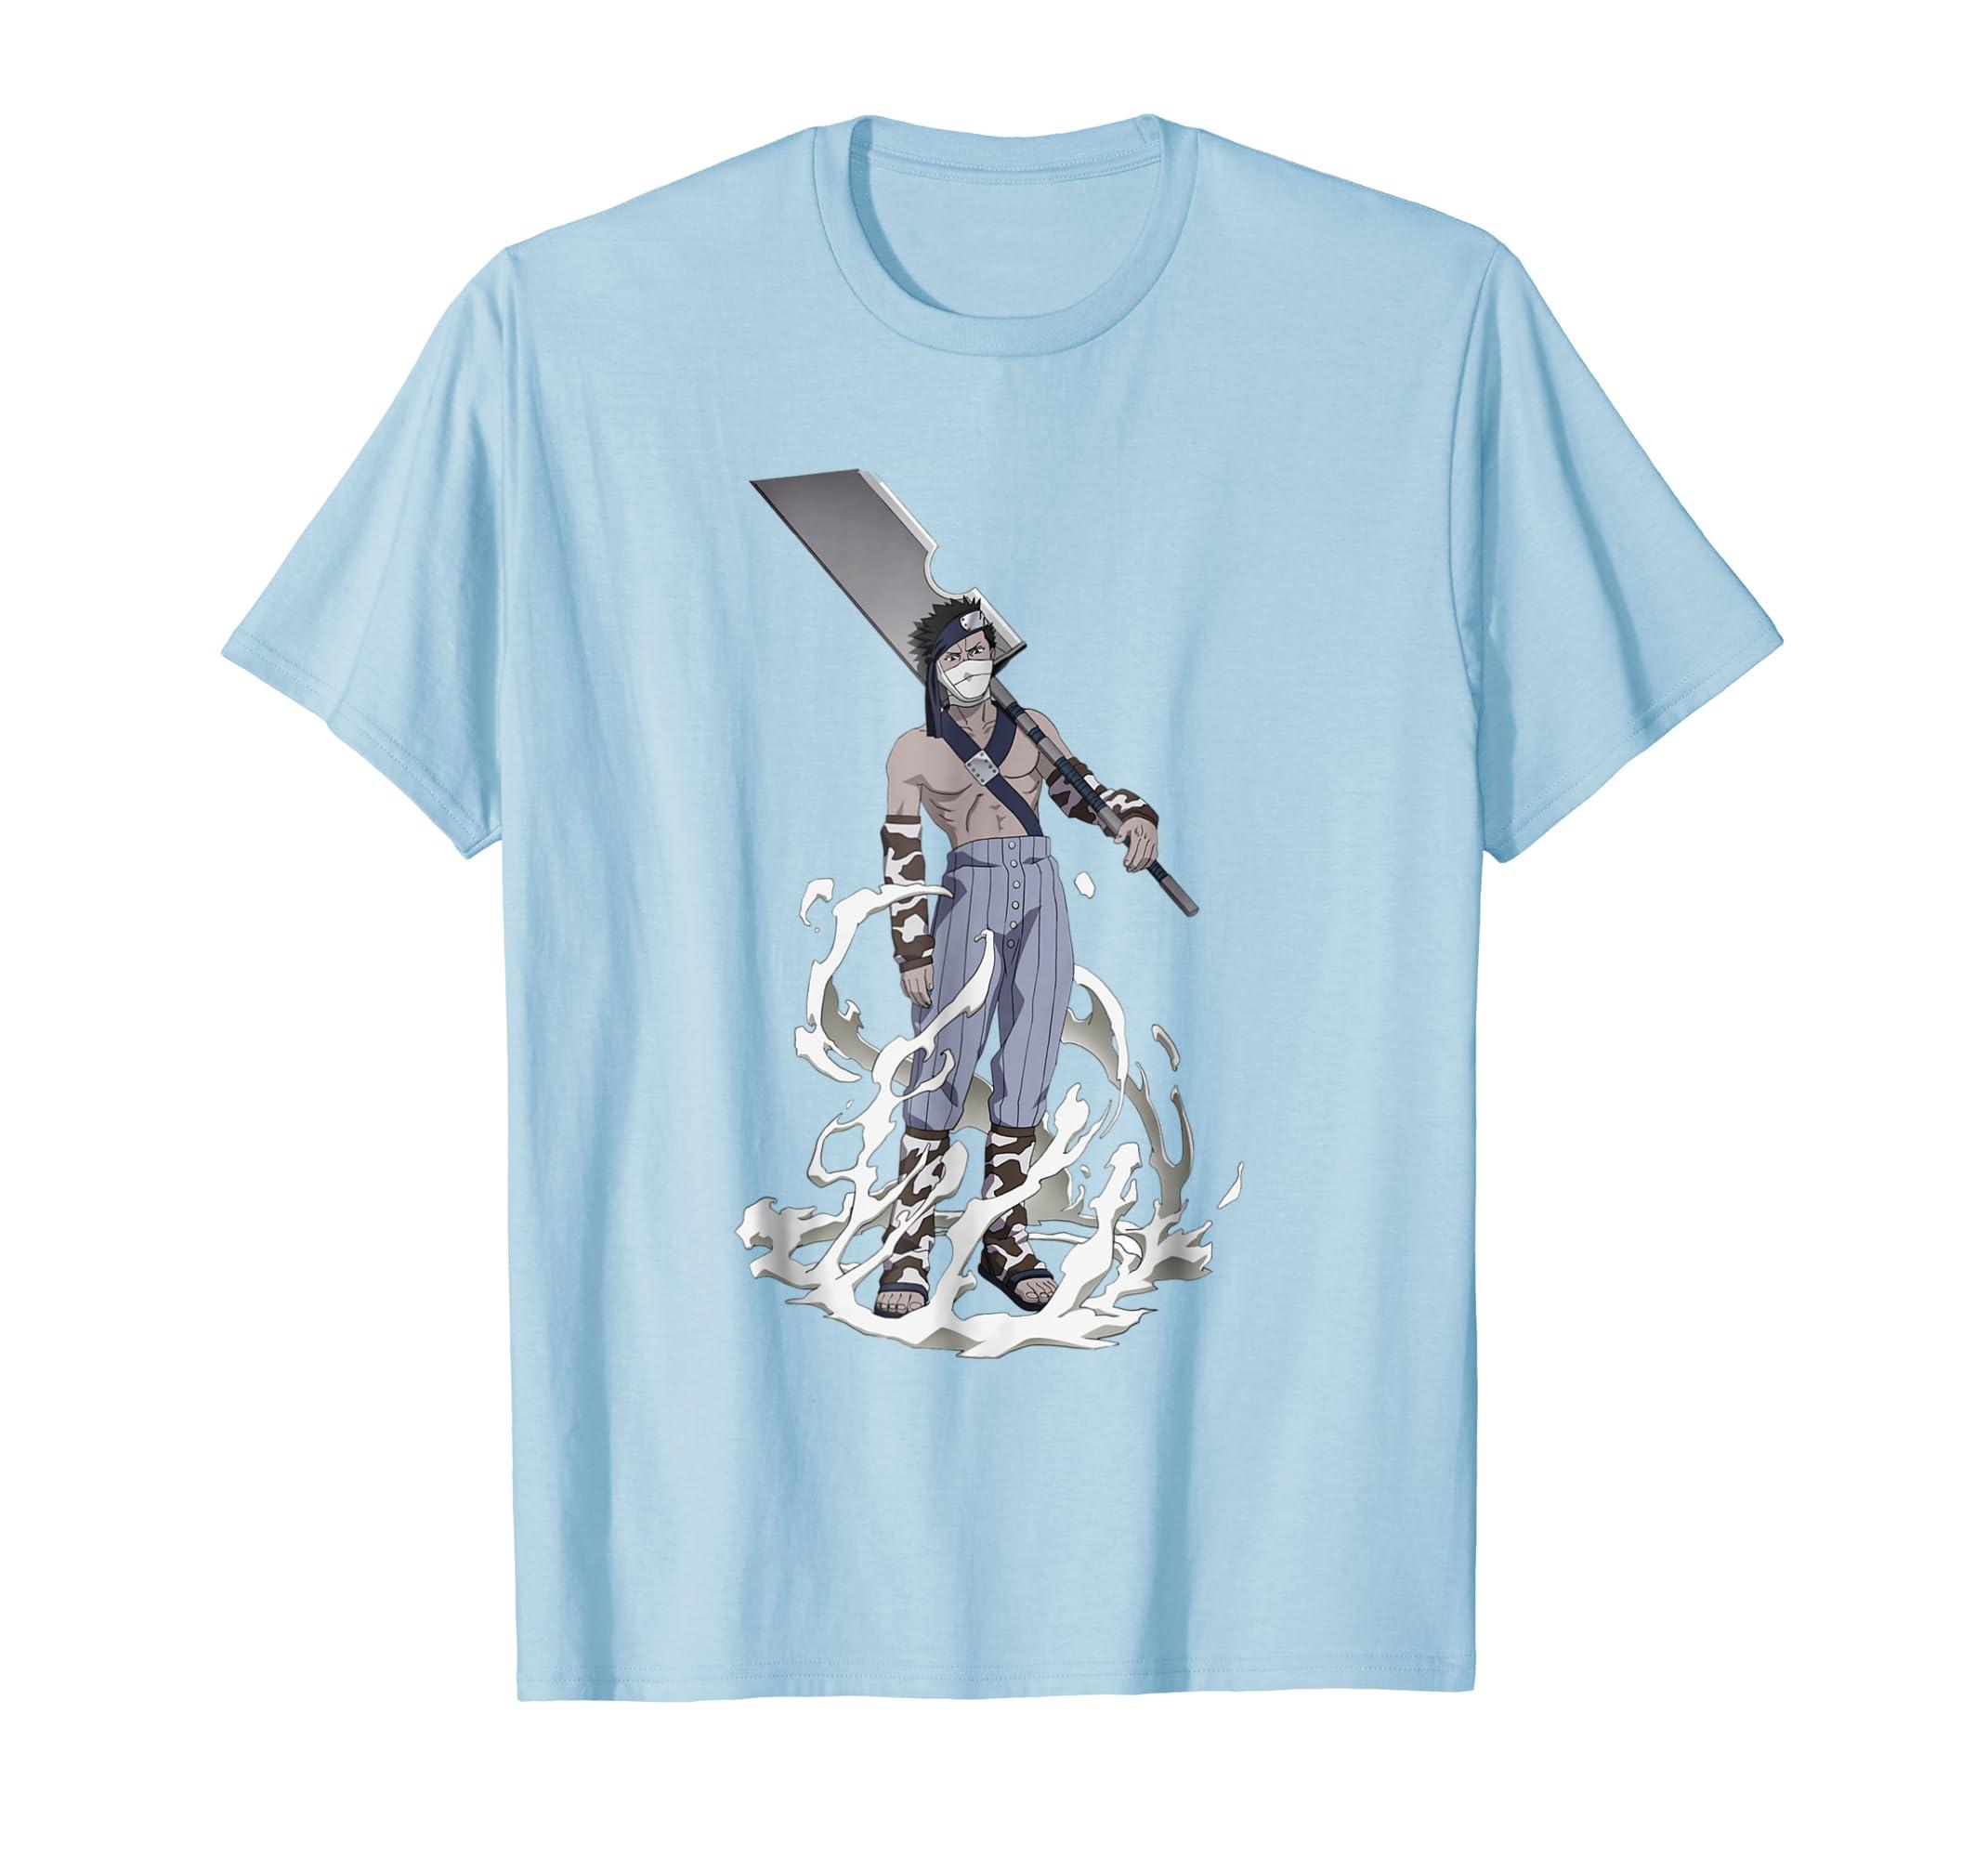 Zabuza T Shirt for Girls, Boys,Teens, Men & Women-Awarplus